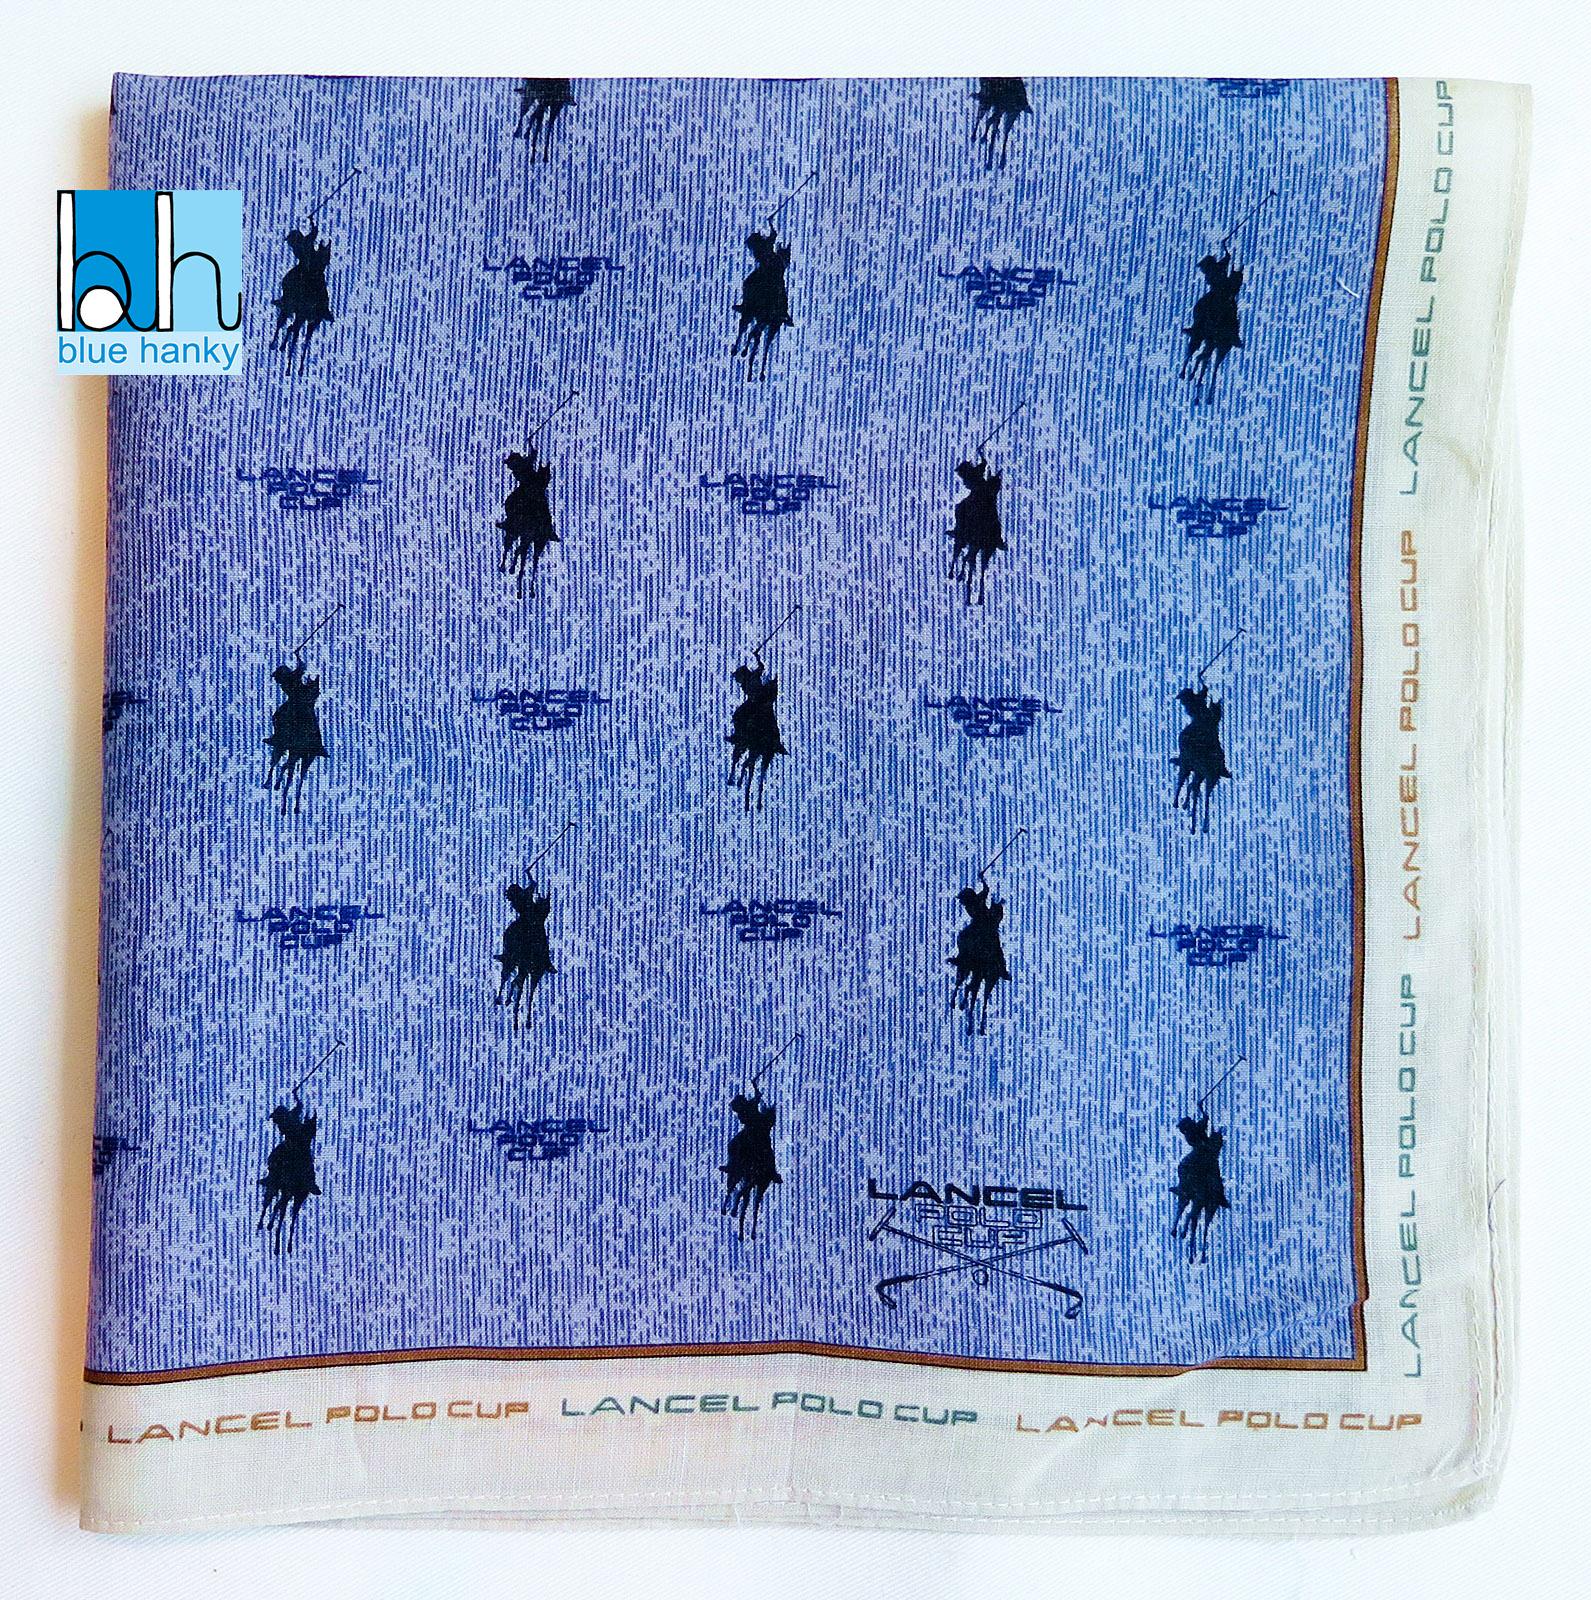 """#209 19"""" LANCEL ผ้าเช็ดหน้ามือ2 สภาพดี ผ้าเช็ดหน้าผืนใหญ่"""